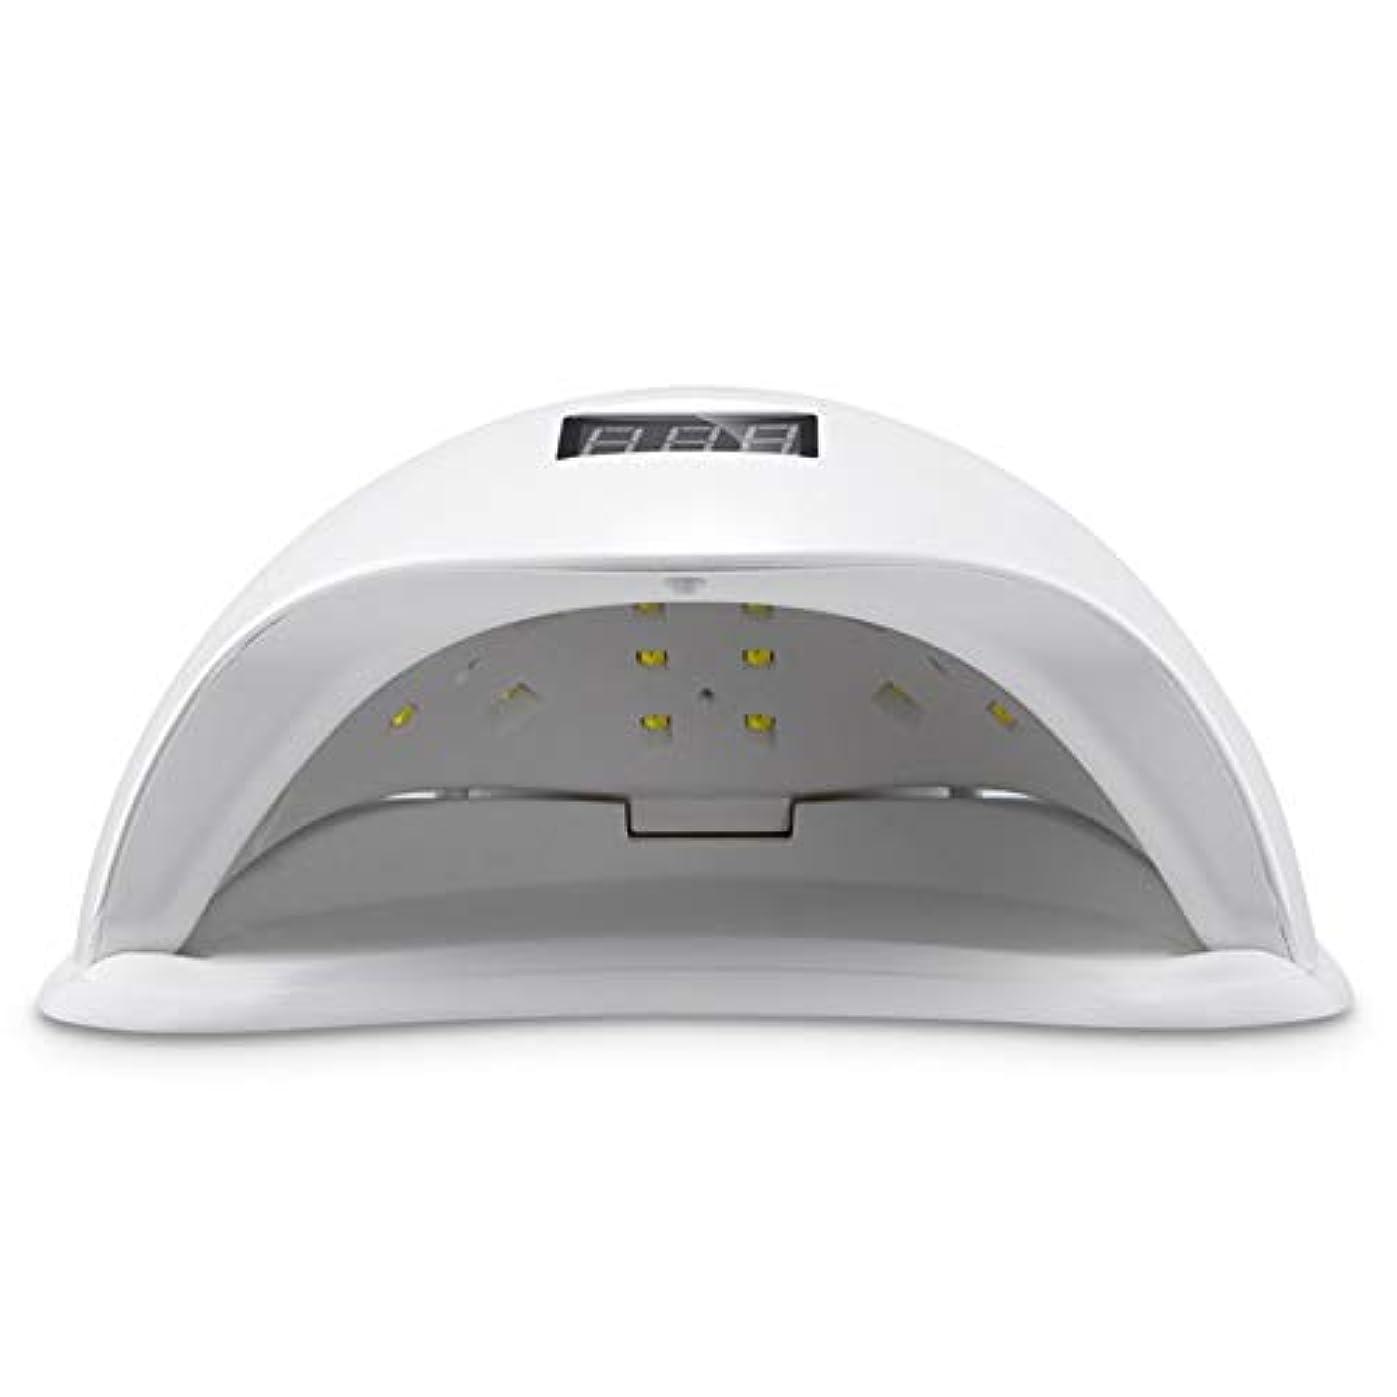 48W紫外線LEDの釘ランプ、ゲルランプ紫外線スマートな自動感知の釘の芸術の治癒のドライヤー。